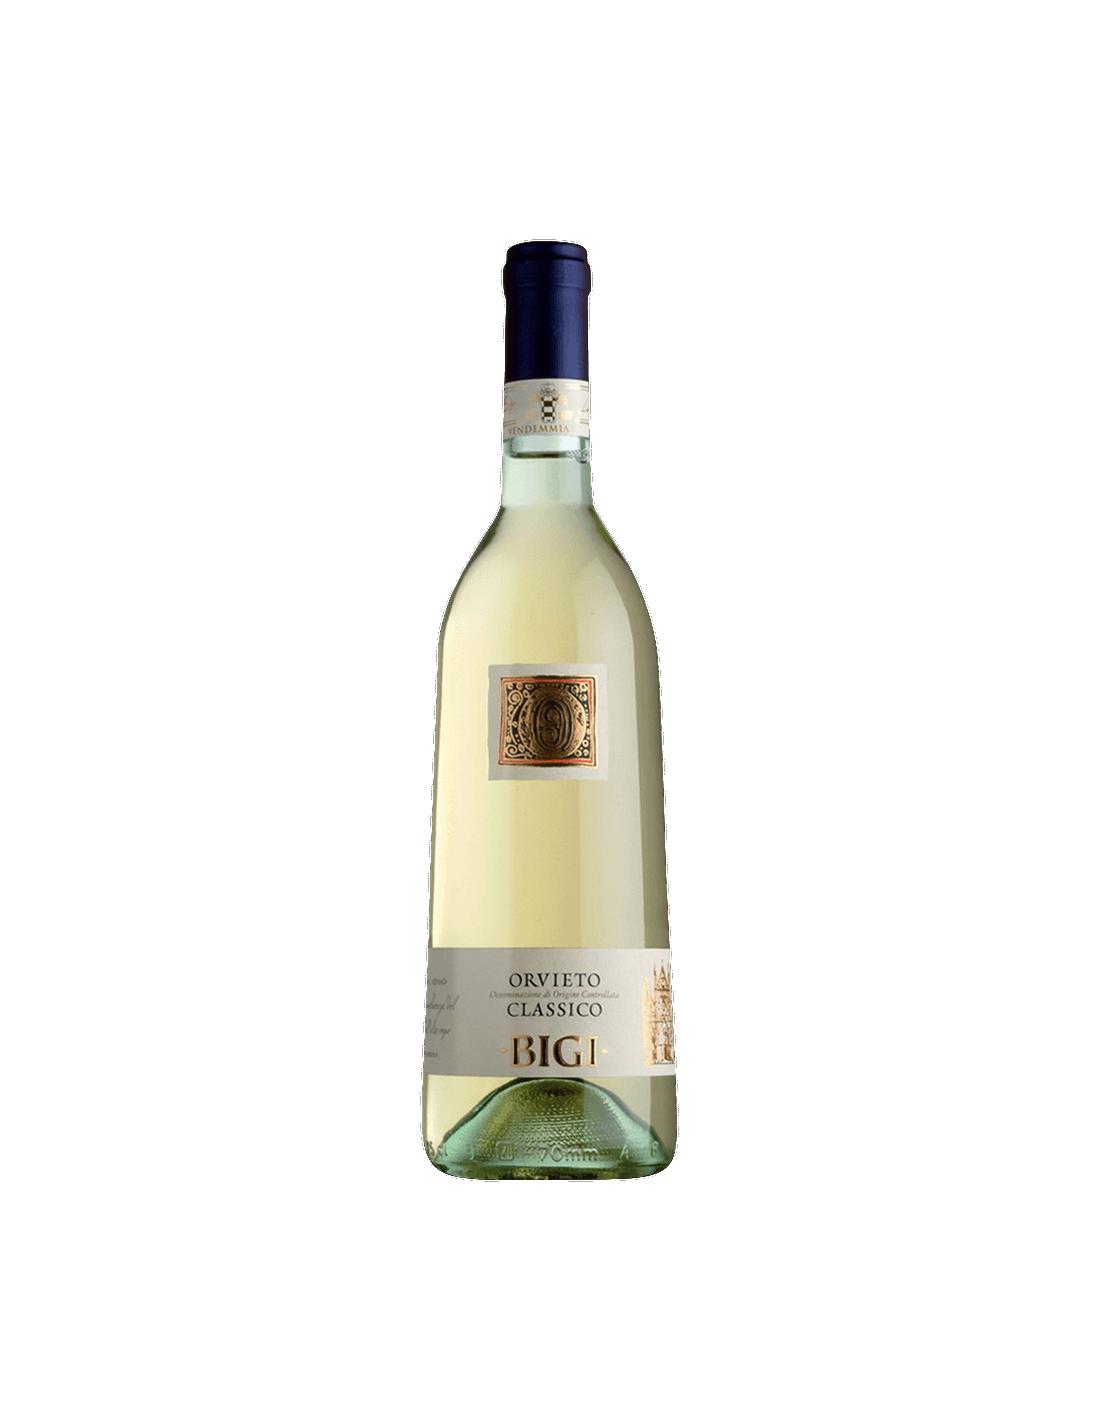 Vin alb, Cupaj, Bigi Orvieto, 0.75L, 12.5% alc., Italia